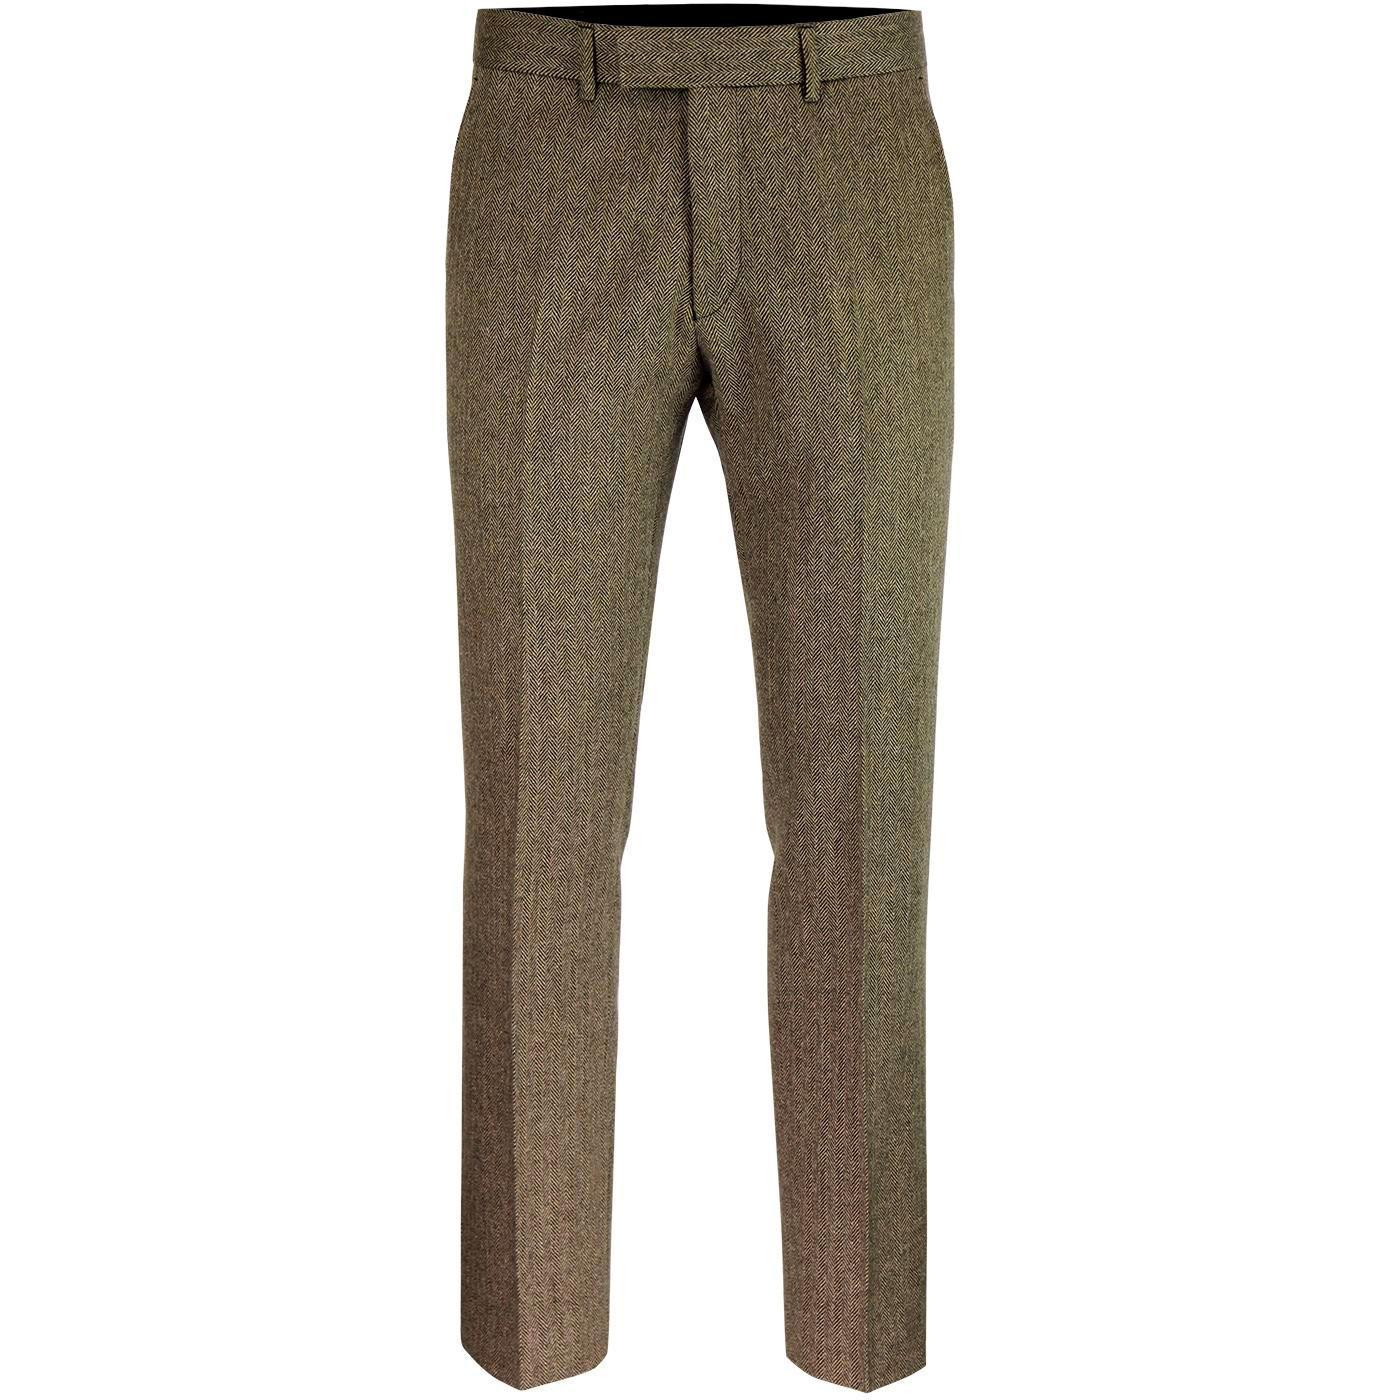 Radisson GIBSON LONDON Herringbone Trousers (Fawn)